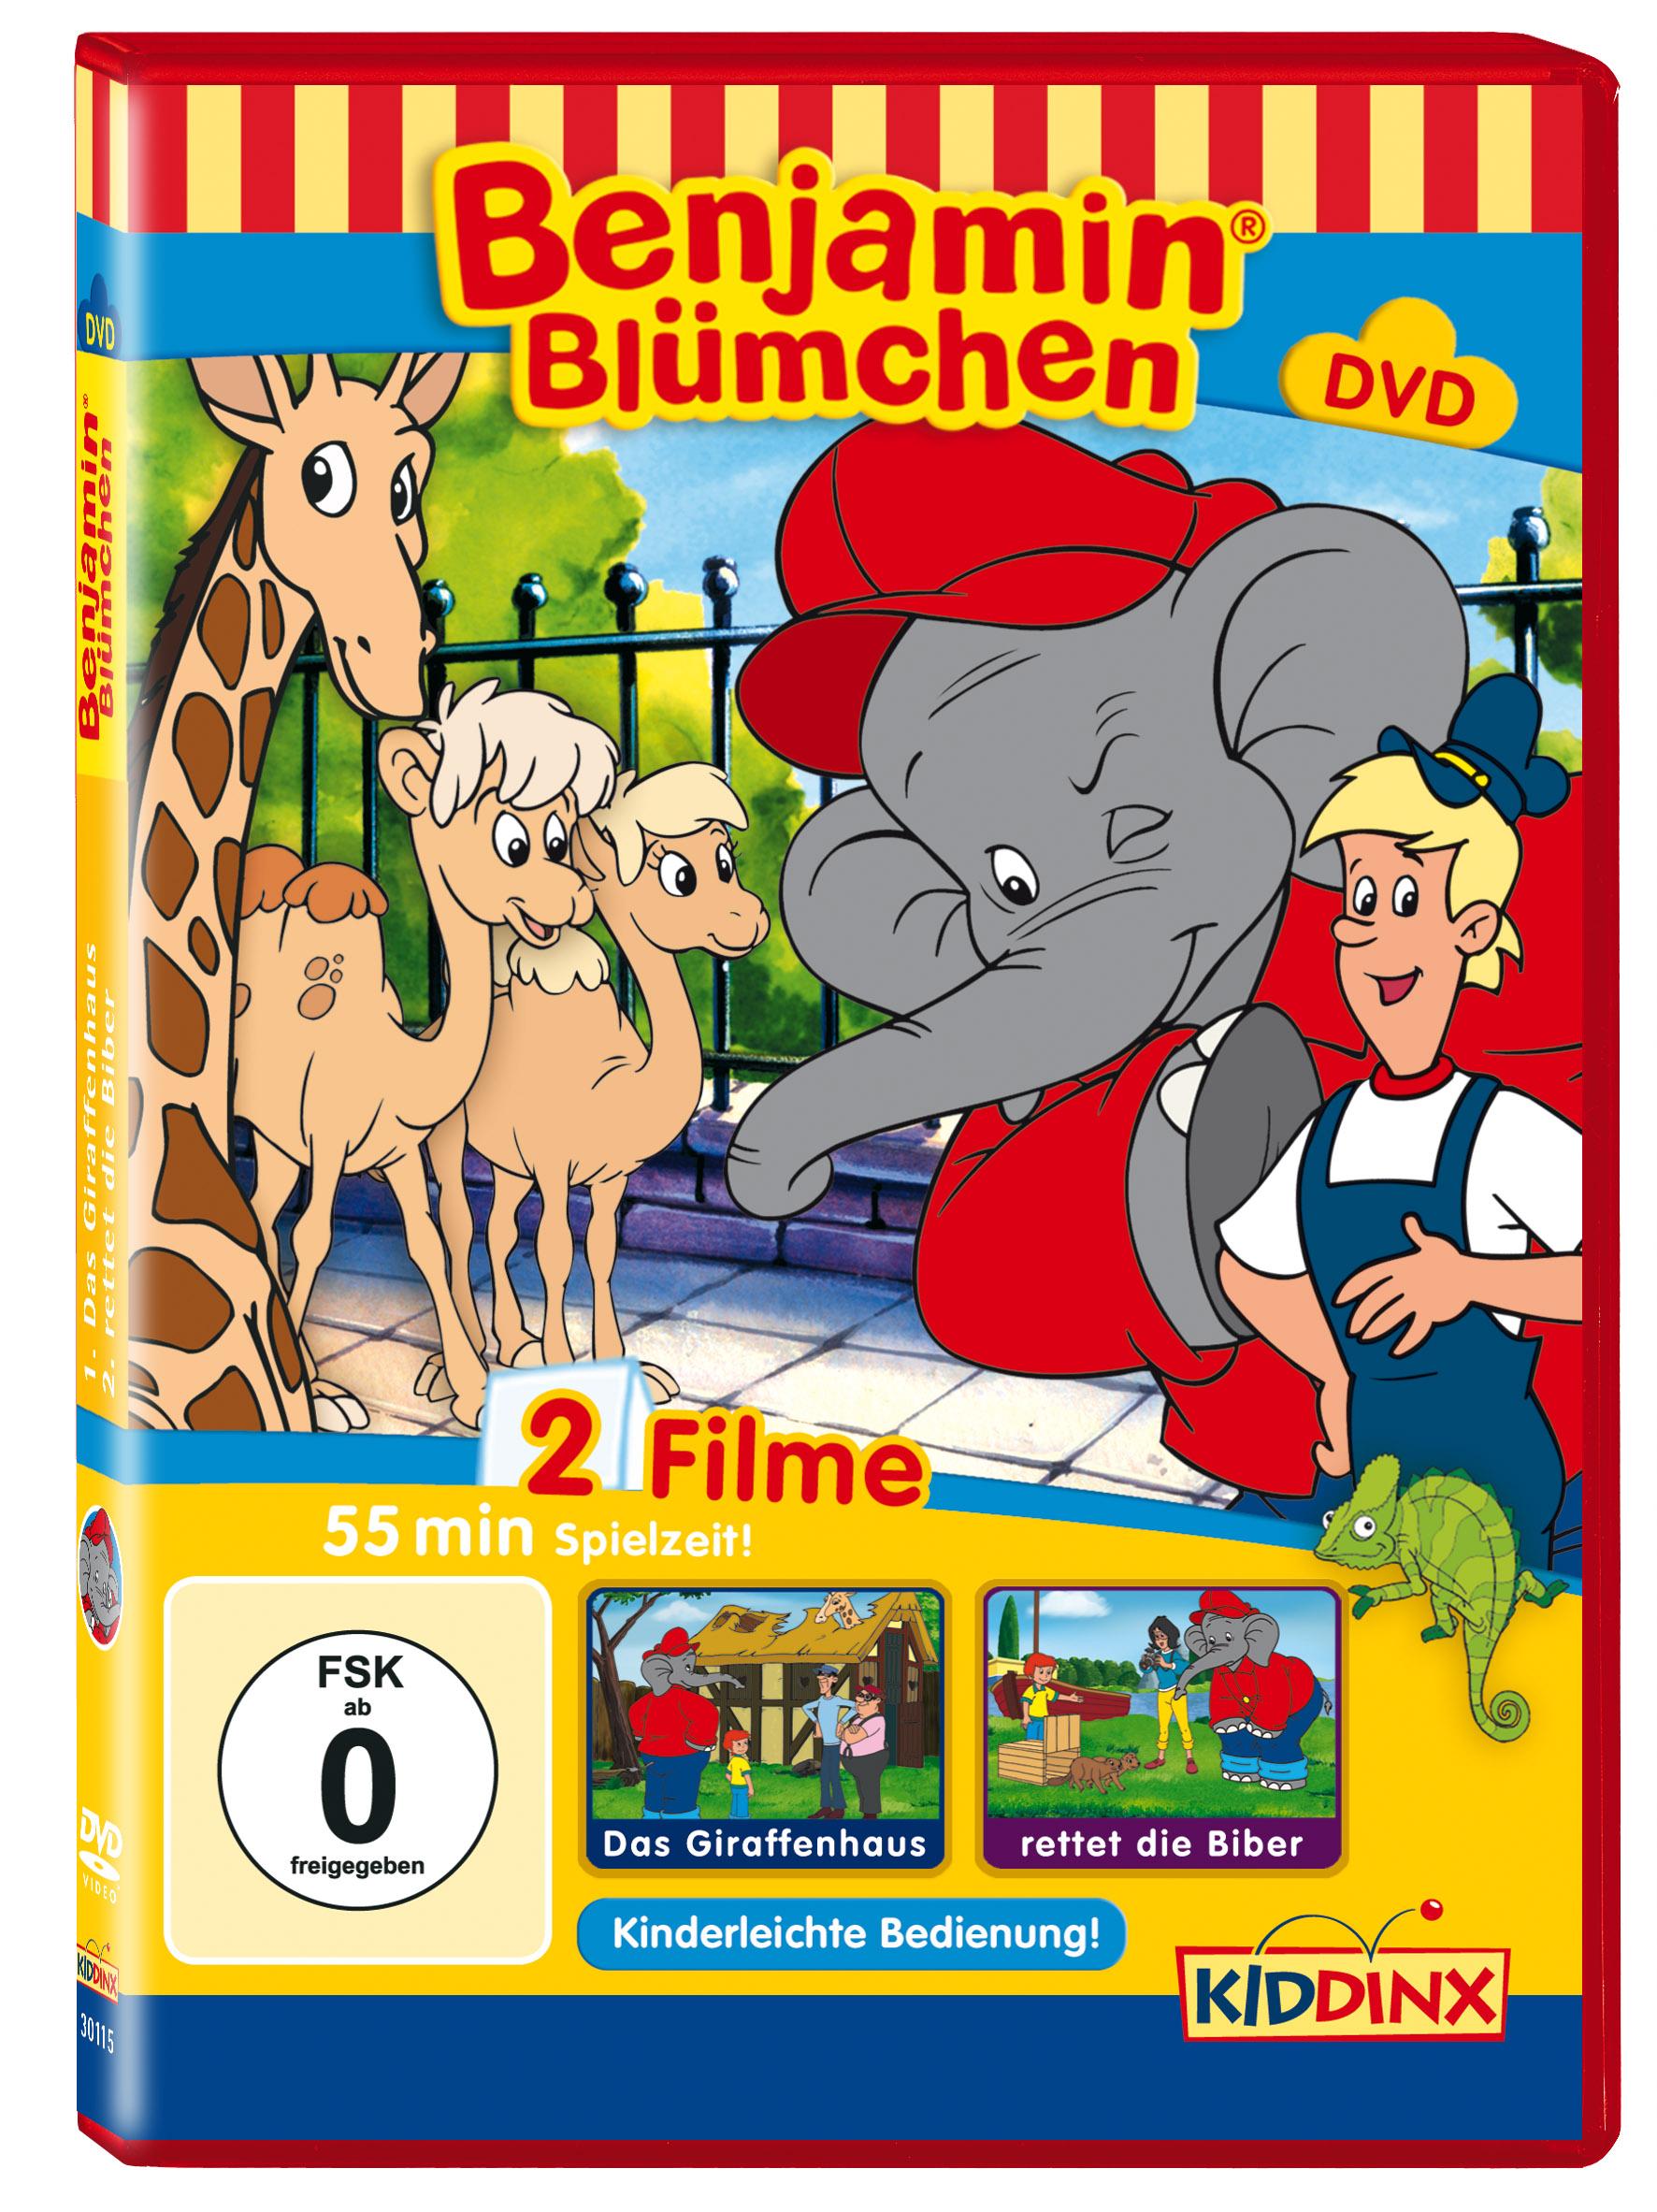 Benjamin Blümchen: Das Giraffenhaus / rettet di...